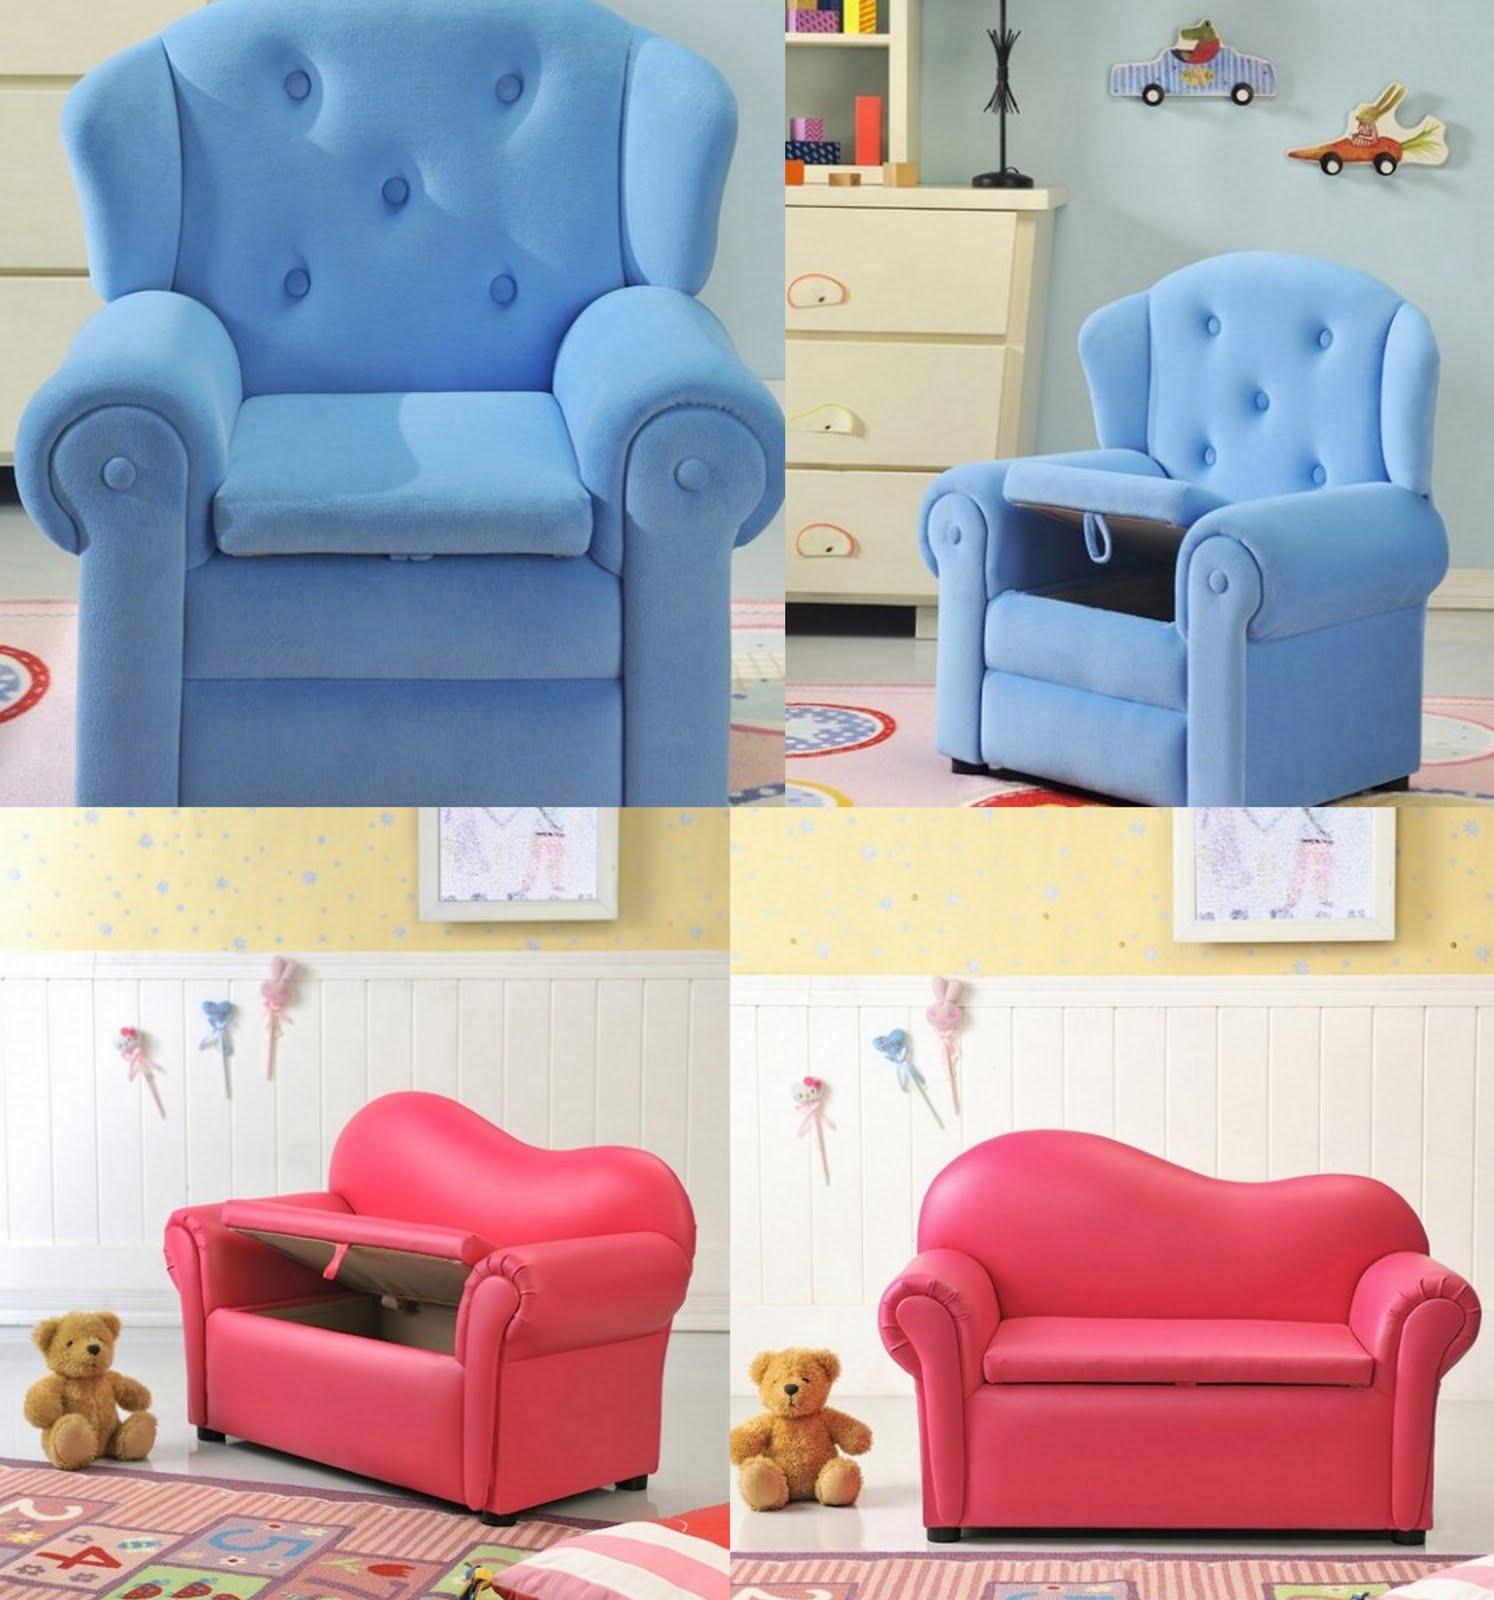 canape chambre enfant maison design. Black Bedroom Furniture Sets. Home Design Ideas